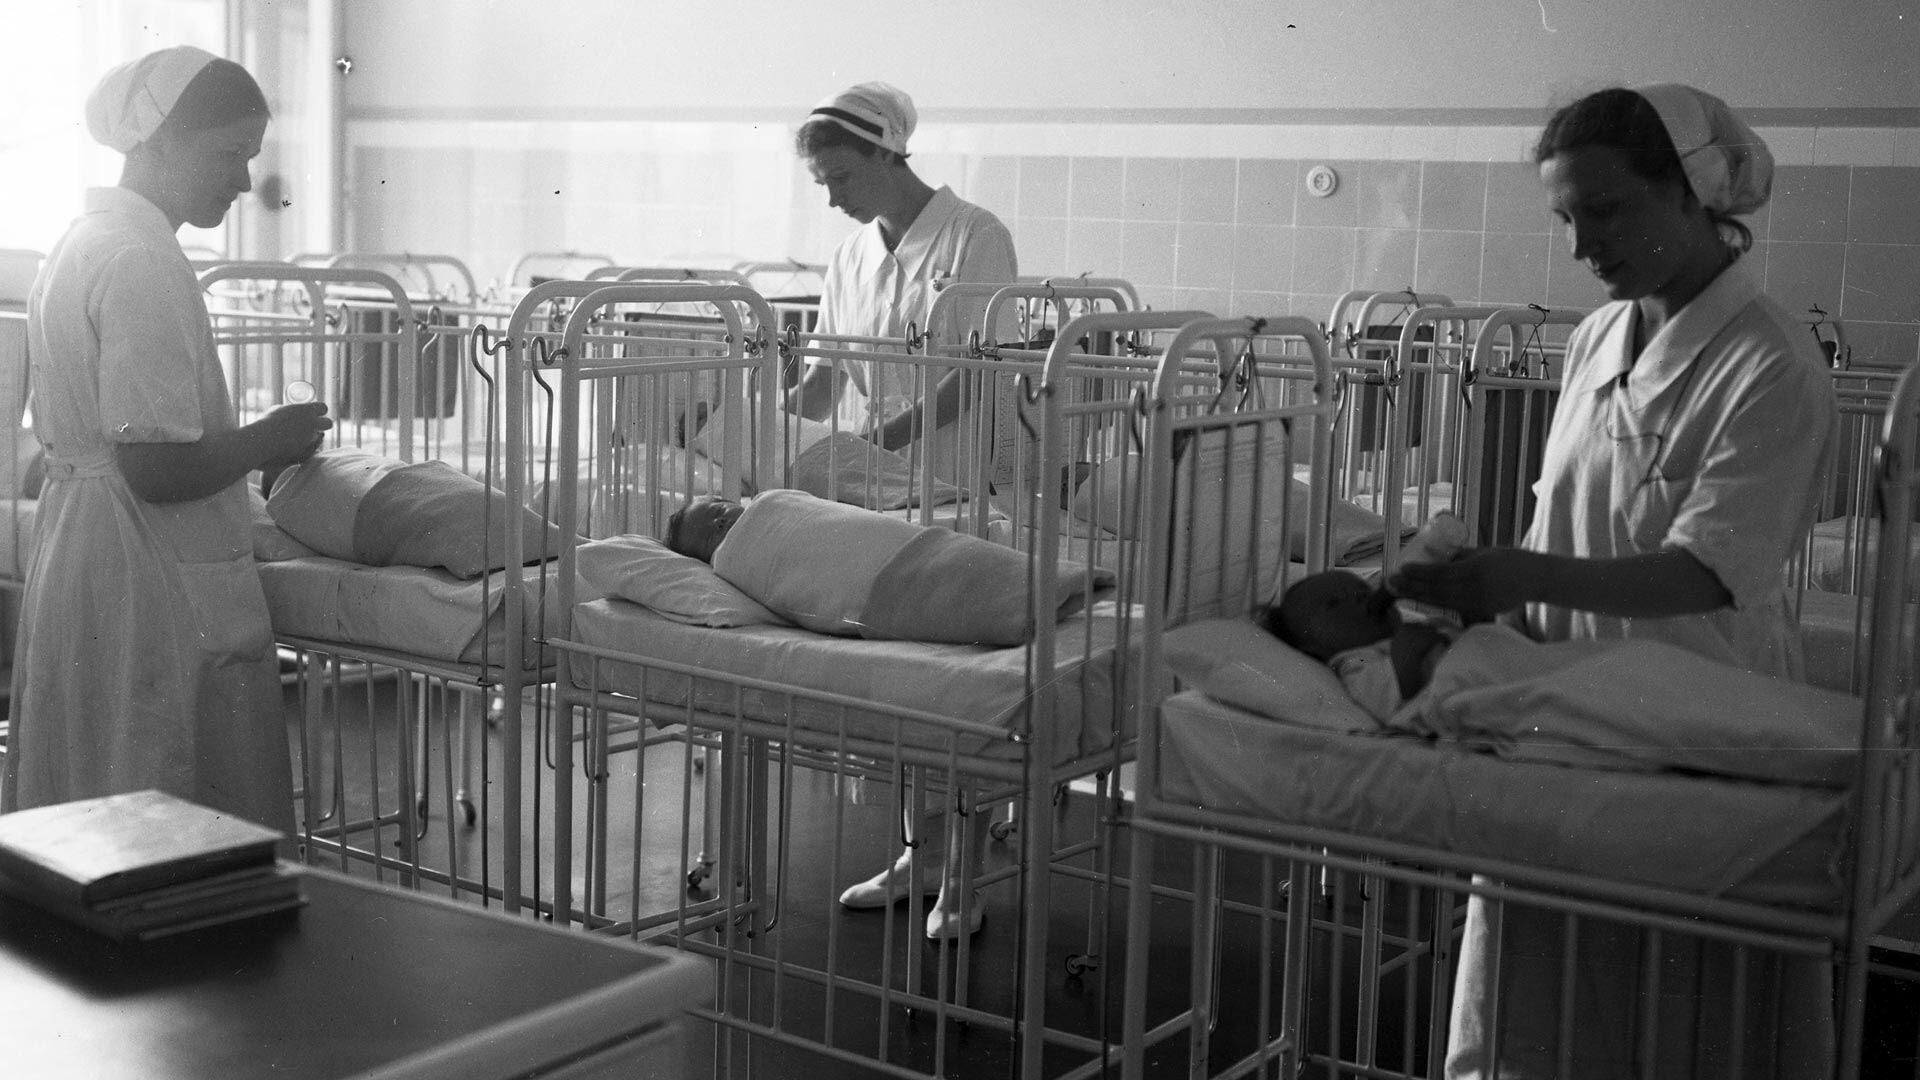 Aborcja w Polsce w II RP. Przepisy aborcyjne przed wojną